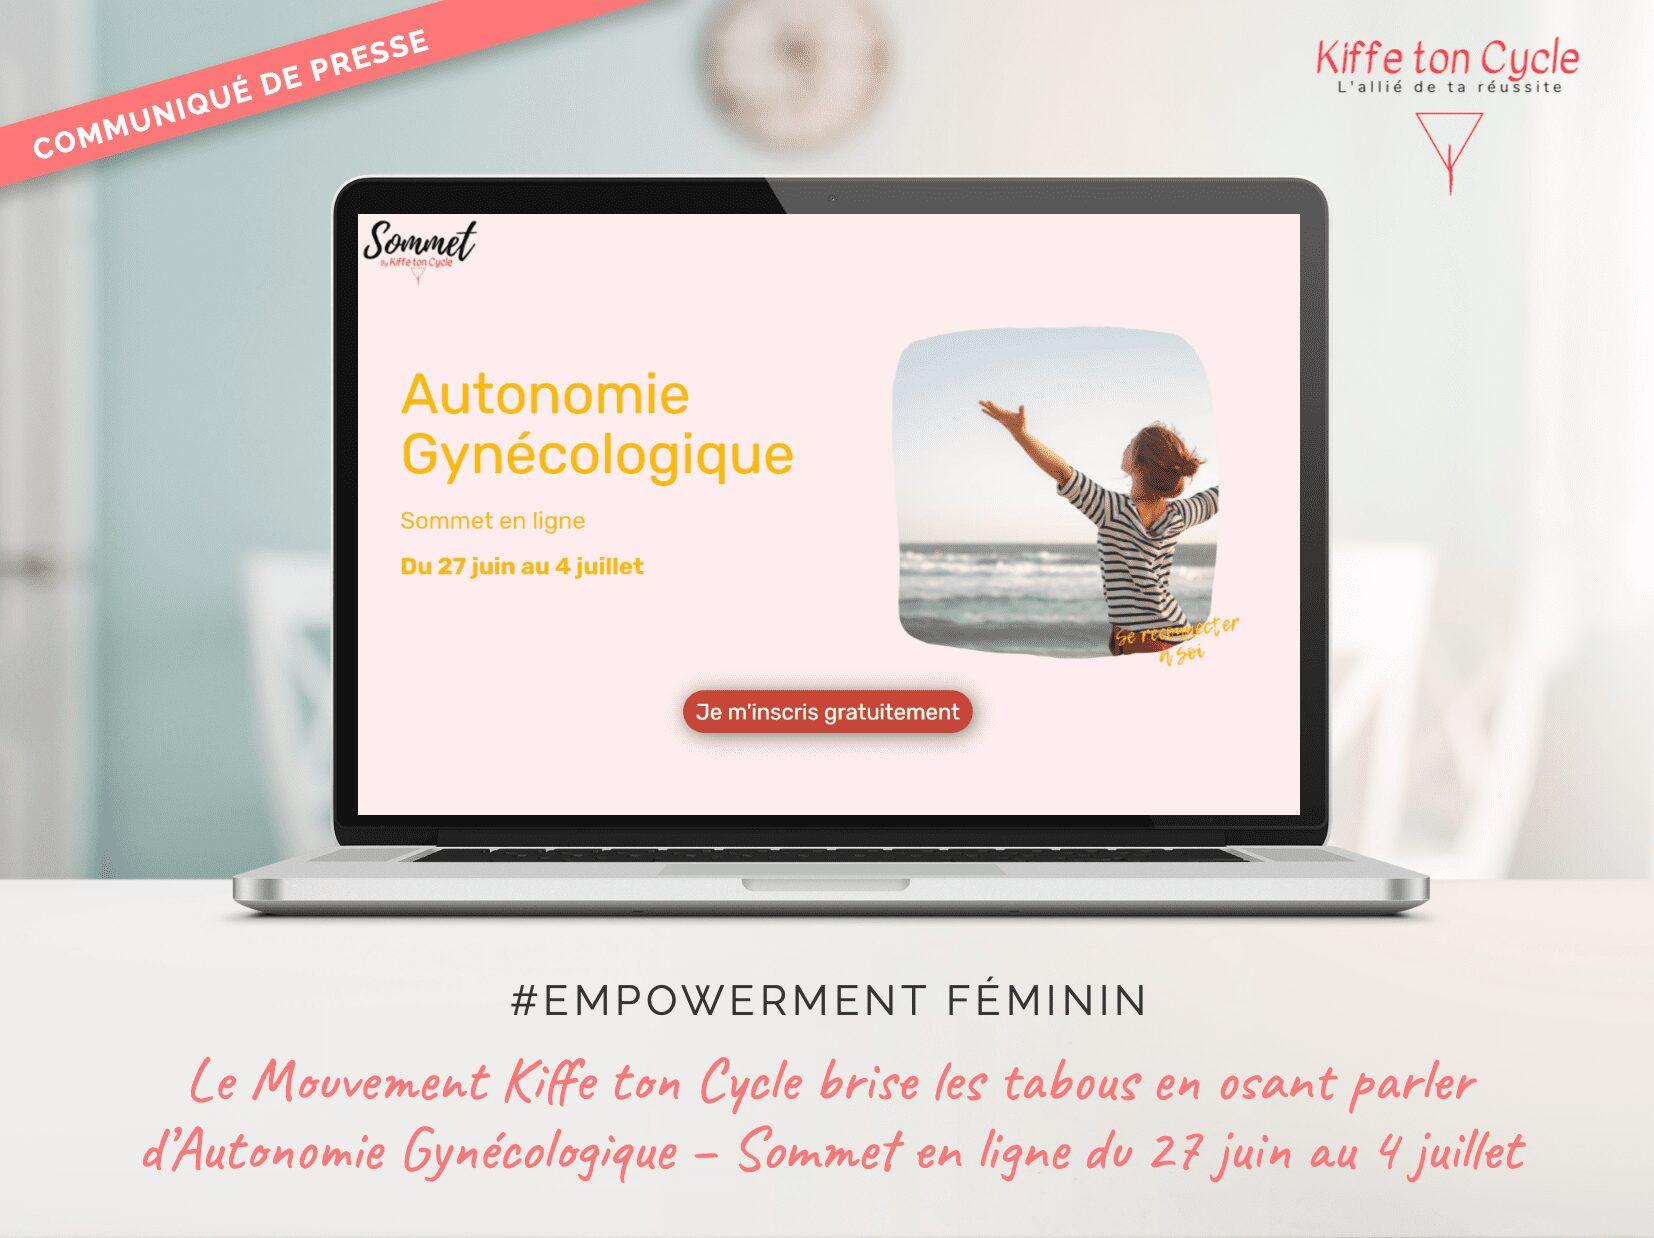 communiqué de presse sur l'autonomie gynécologique empowerment féminin